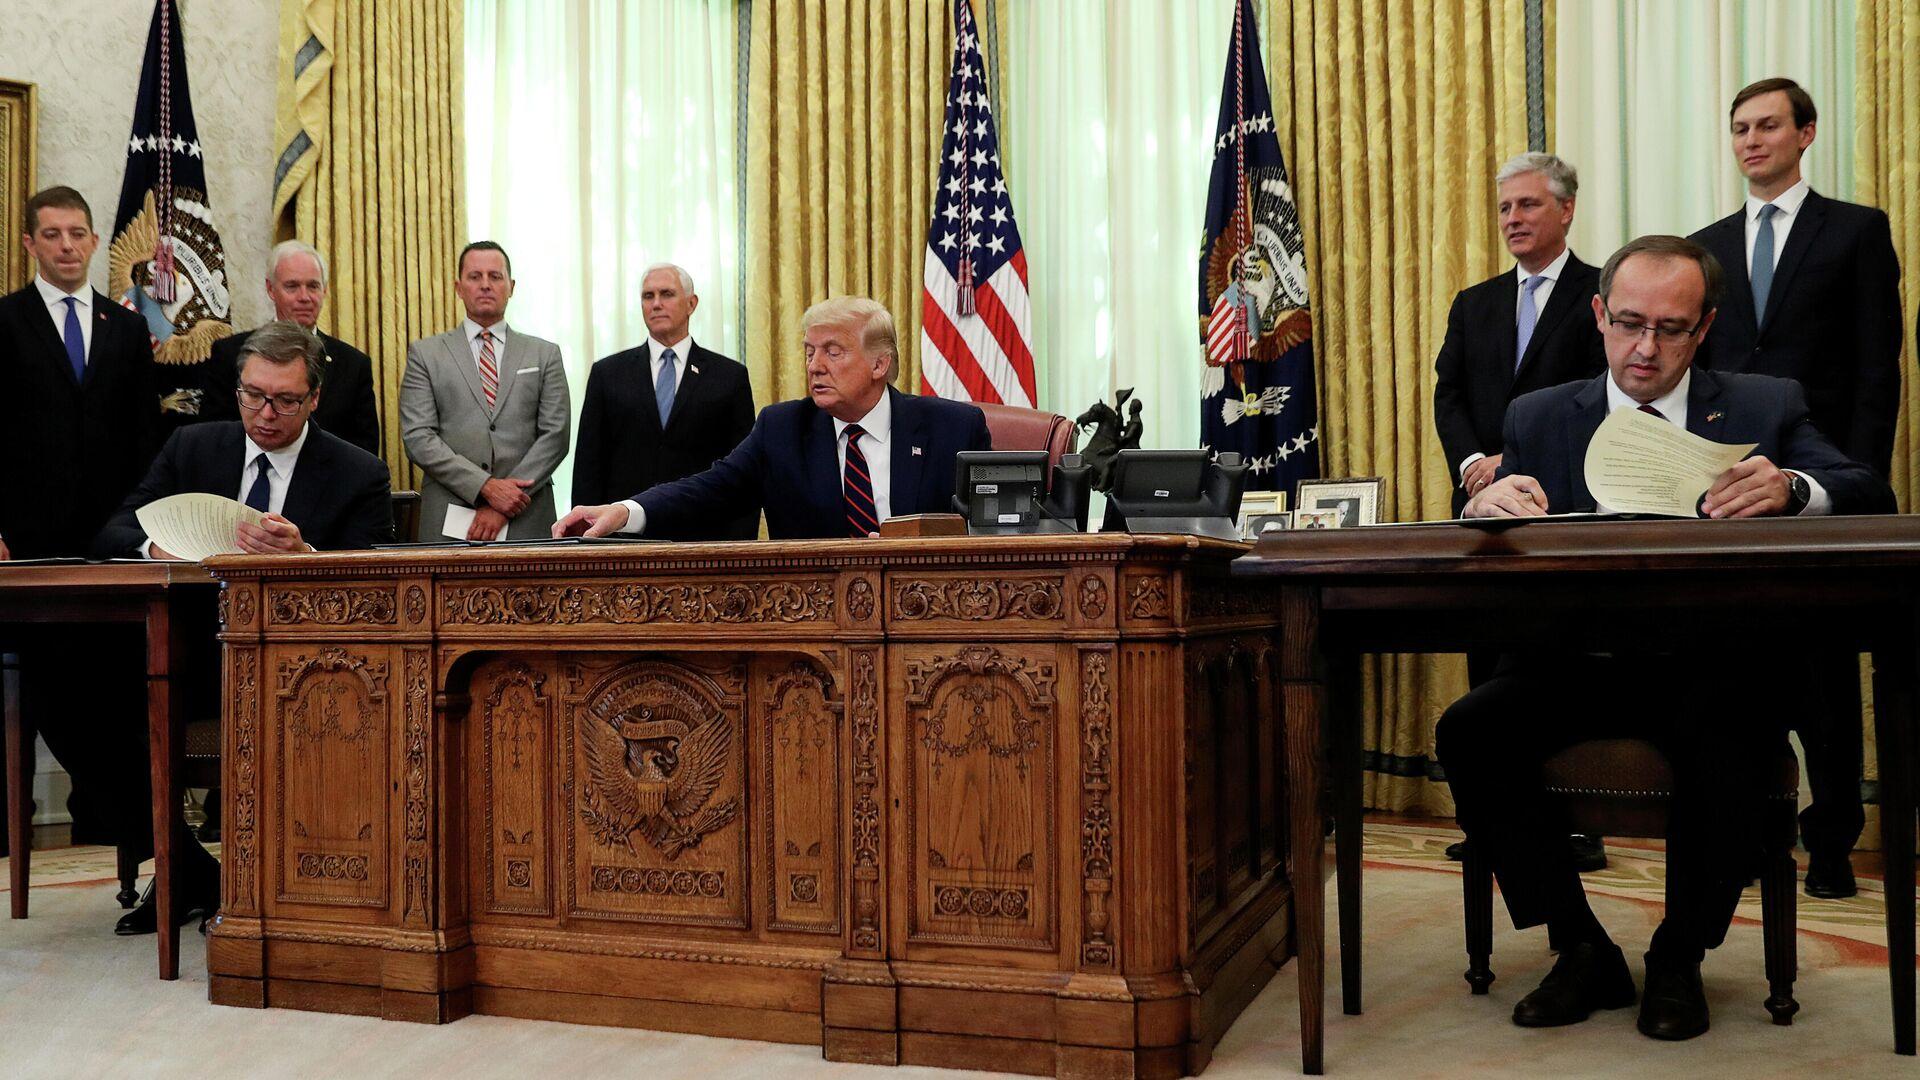 Президент Сербии Александр Вучич, президент США Дональд Трамп и премьер-министр Косово Авдулахом Хоти во время церемонии подписания соглашения об экономическом сотрудничестве  - РИА Новости, 1920, 08.09.2020